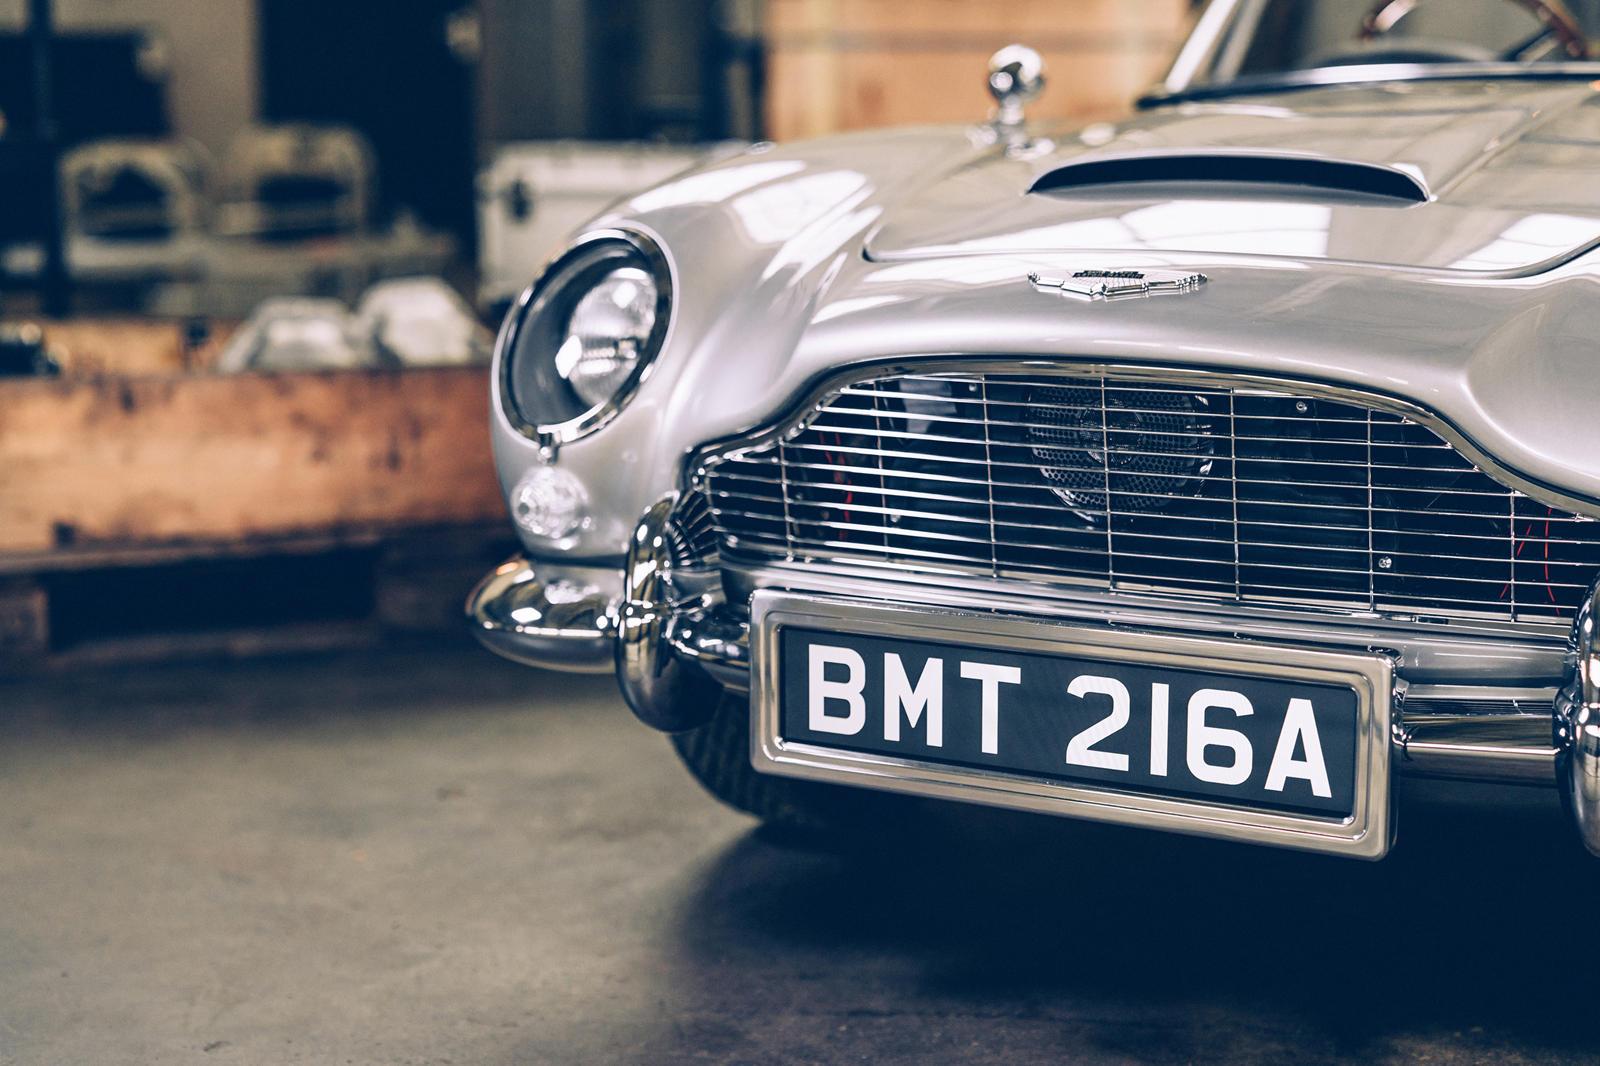 Если у вас есть средства, чтобы водить экзотический спортивный автомобиль, например, Aston Martin DB11 Volante 2022 года, у ваших детей, скорее всего, есть свои довольно яркие игрушки. В прошлом году Aston Martin анонсировал два игрушечных автомобиля